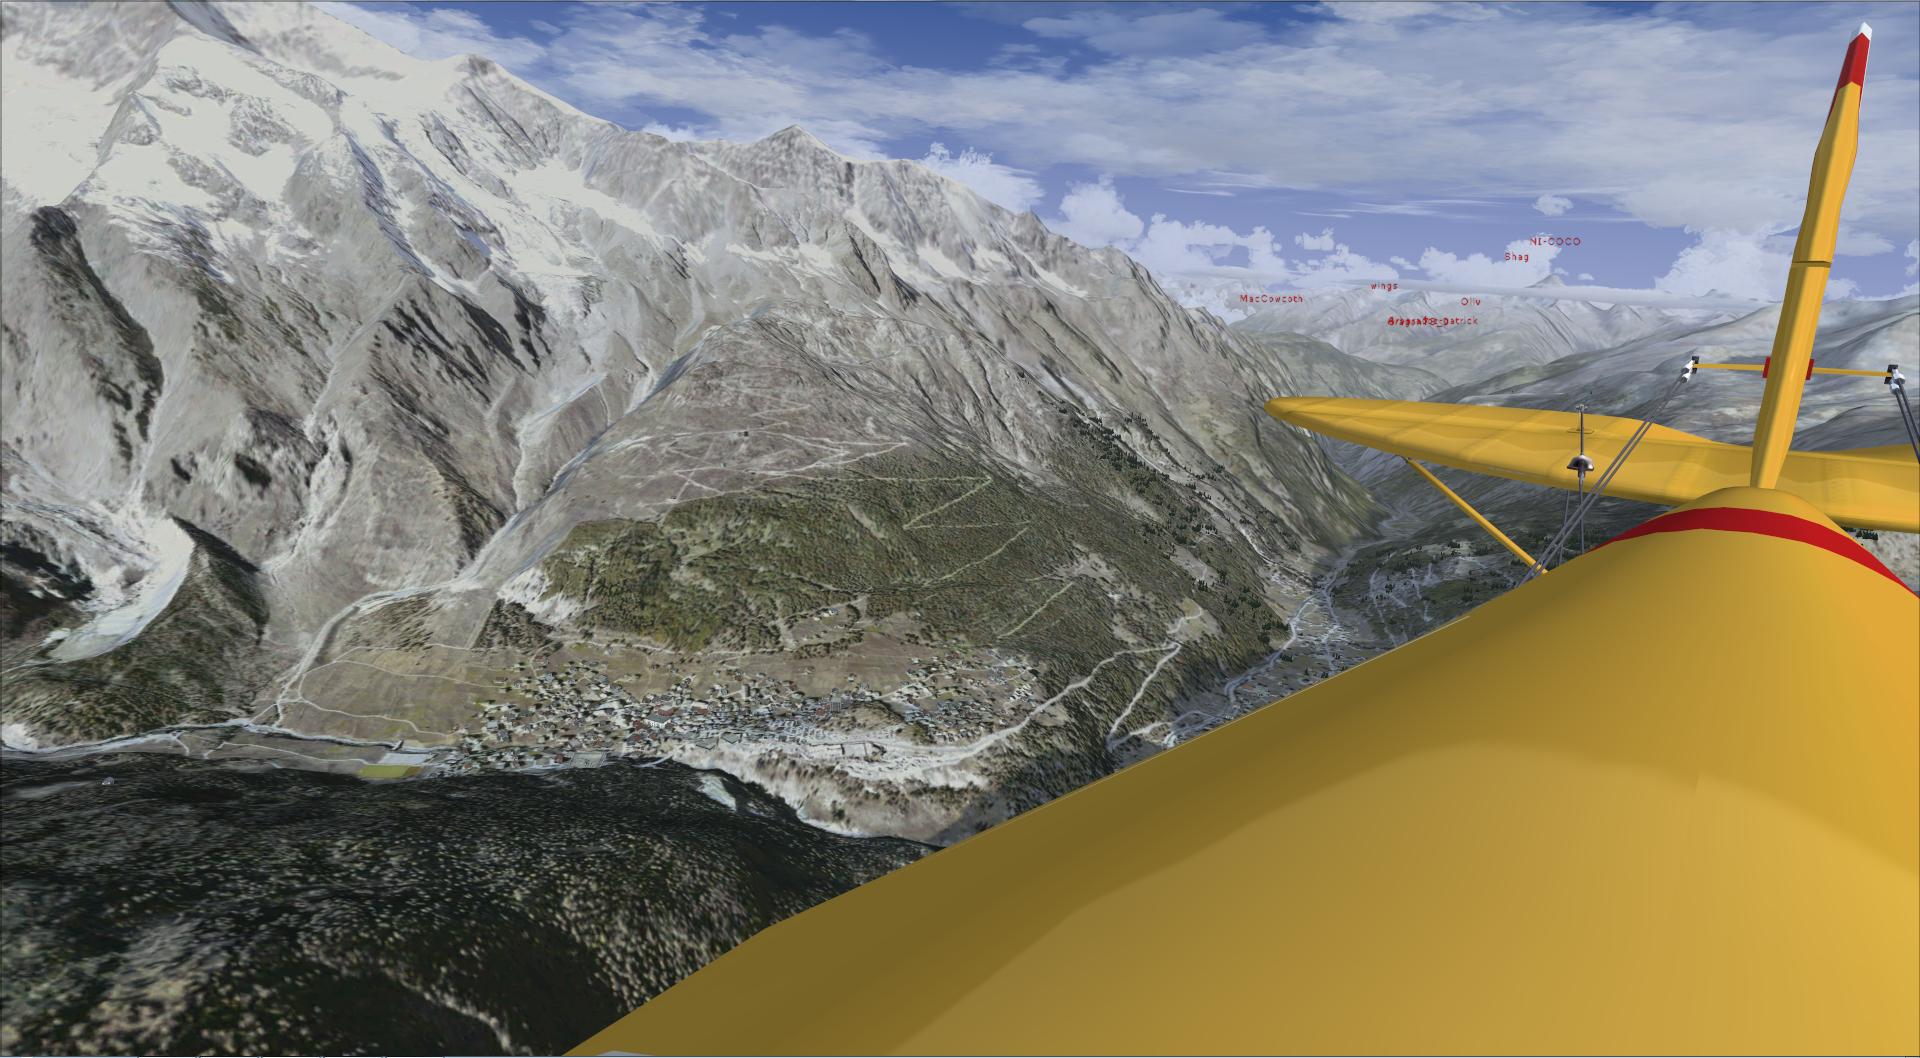 Compte rendu aéroclub. Le passage des alpes 979018201497112314851